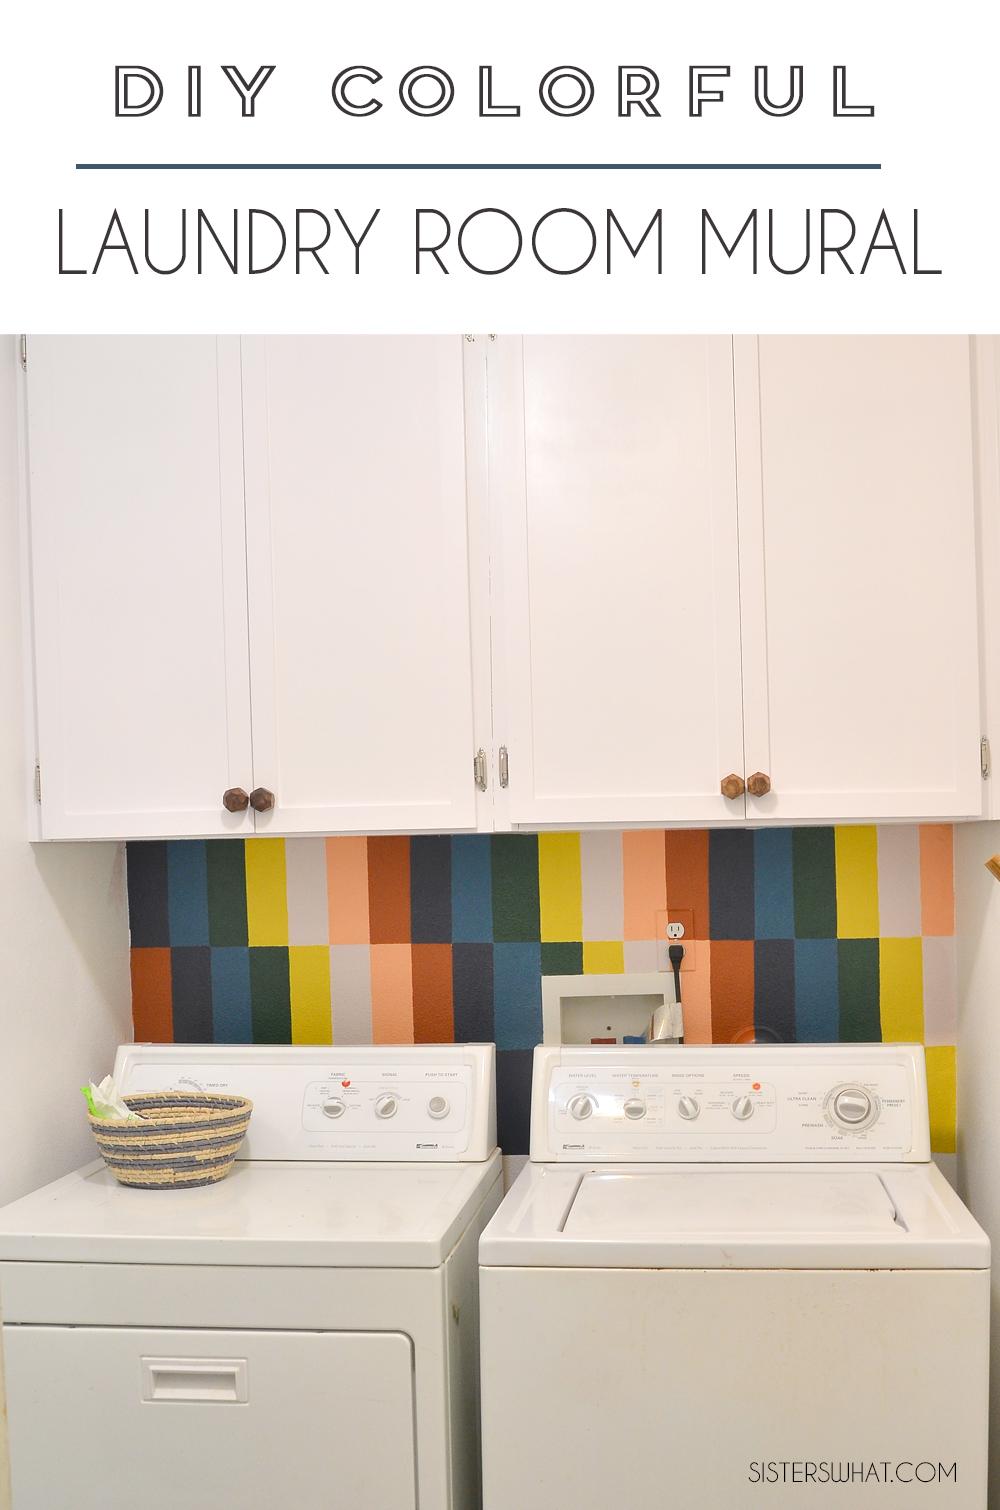 rainbow mural laundry room ideas